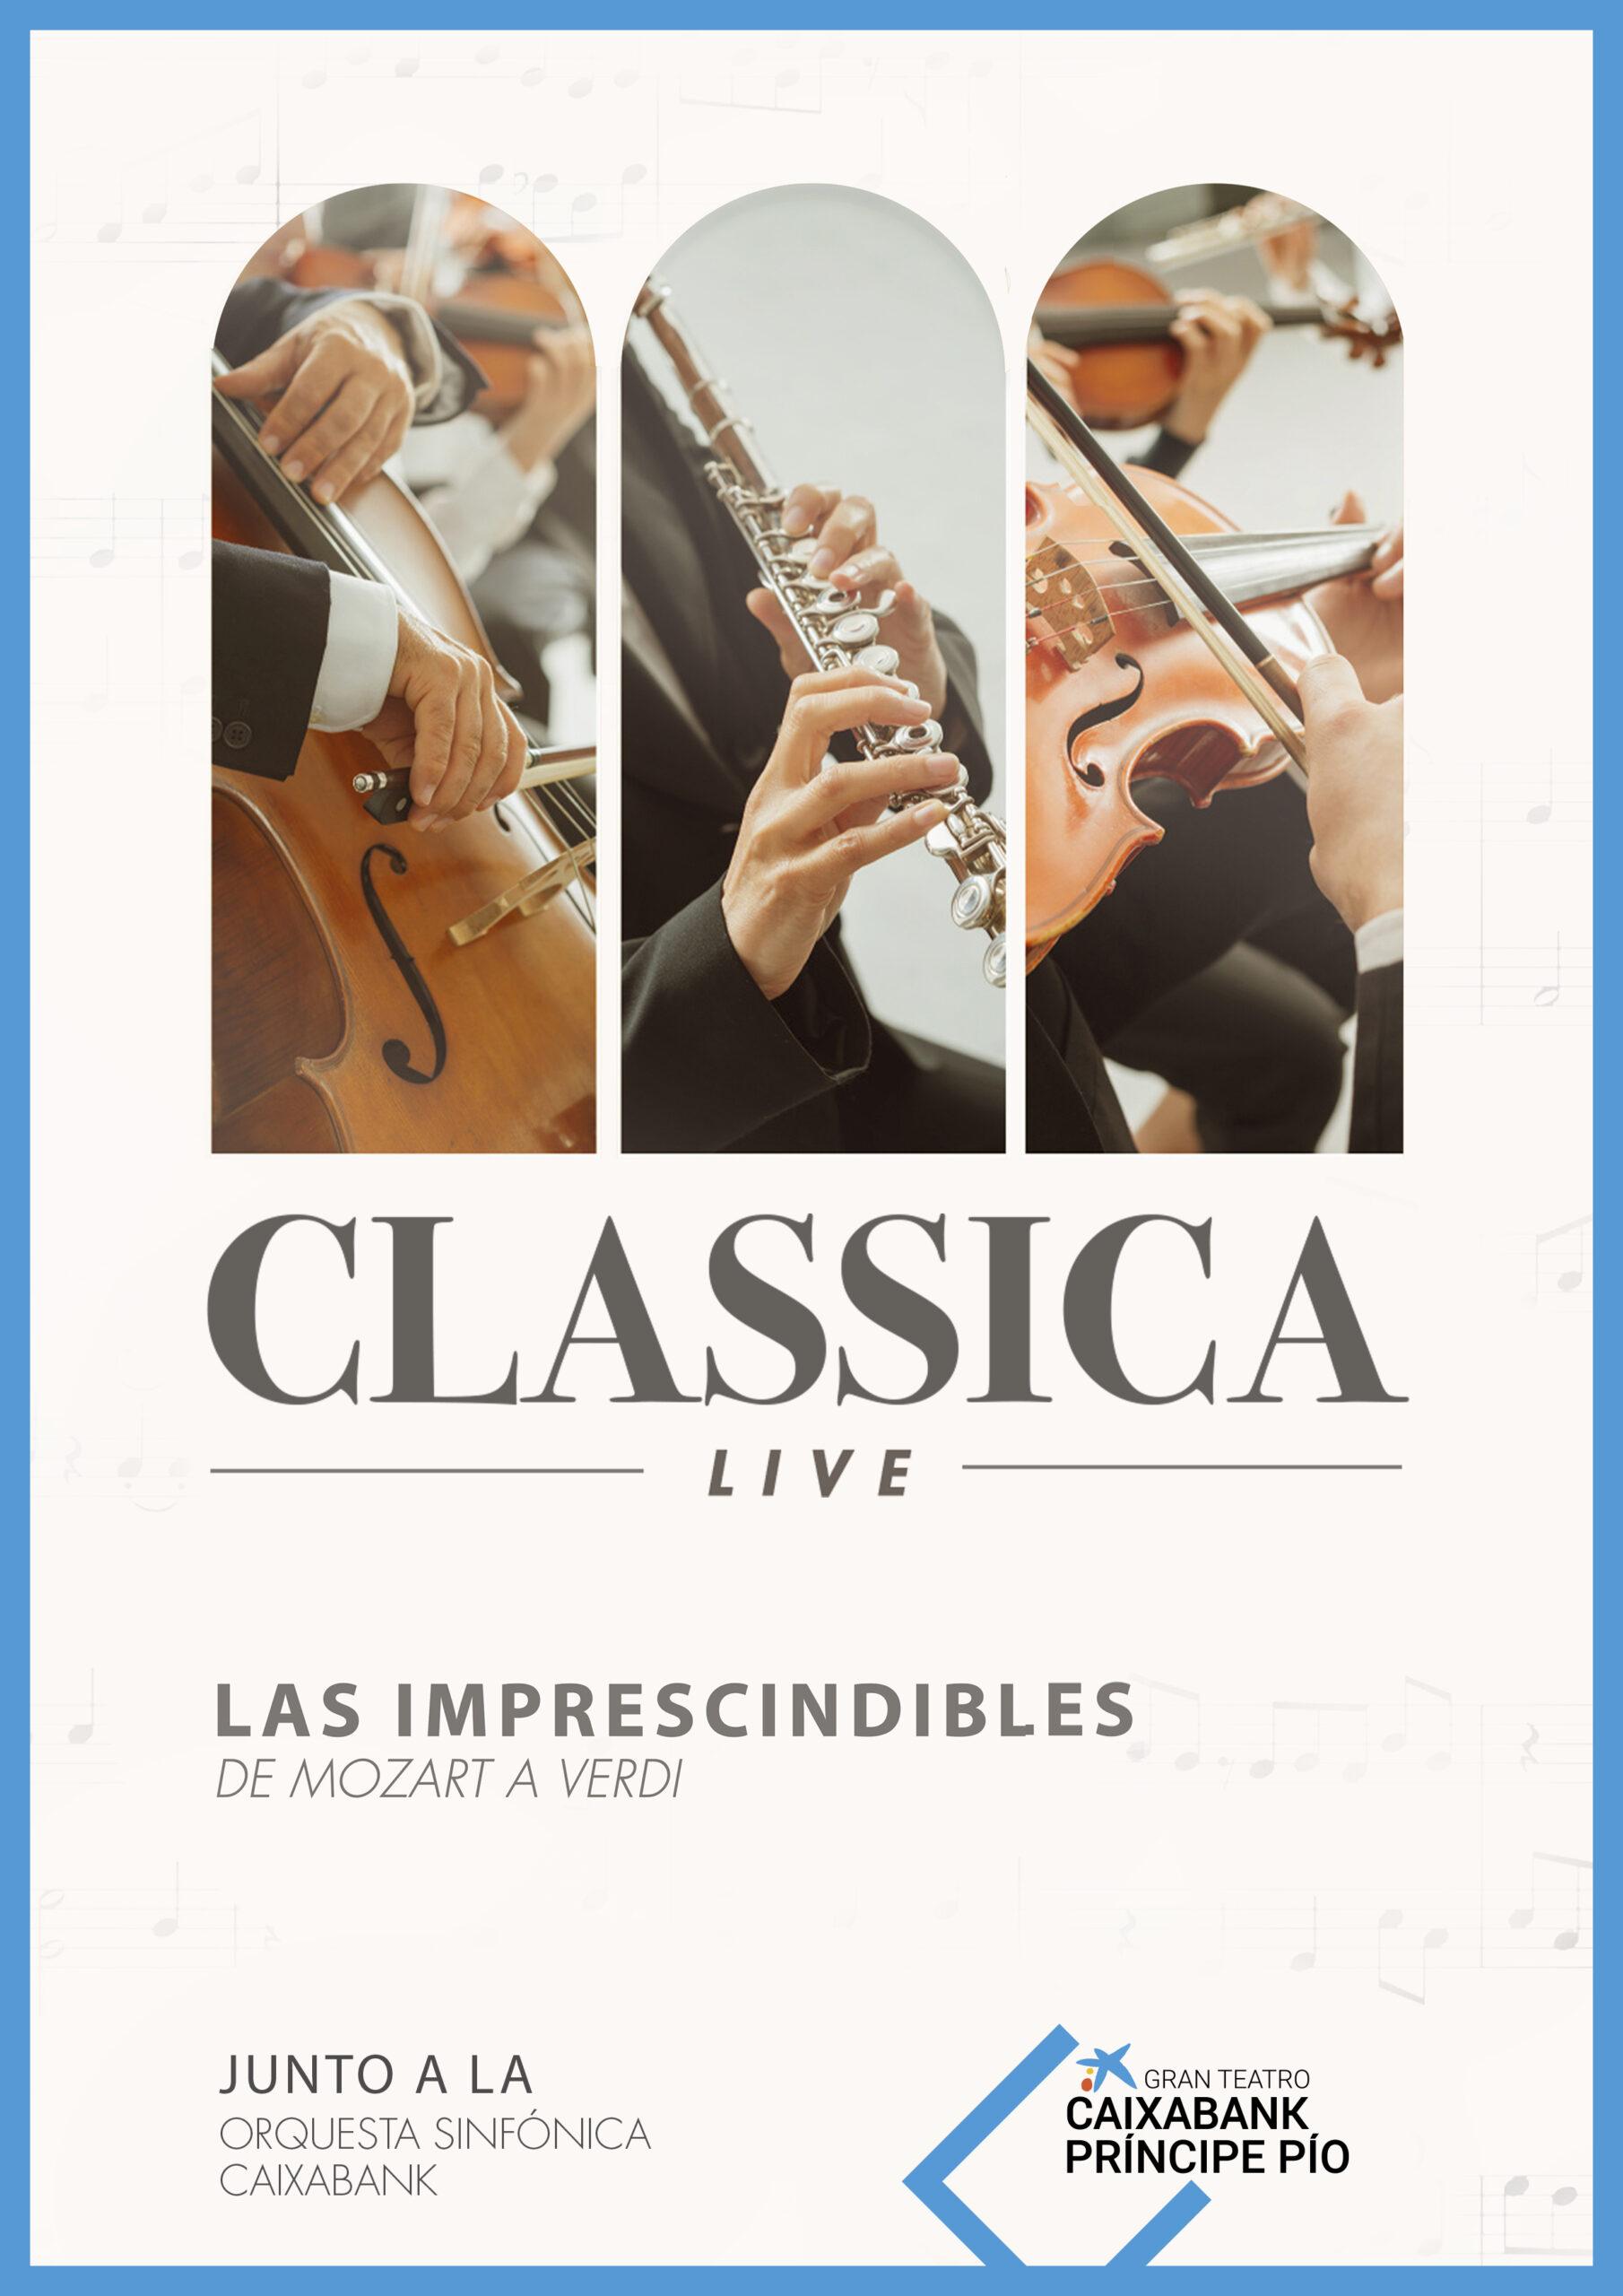 Classica Live Las Imprescindibles de Mozart a Verdi